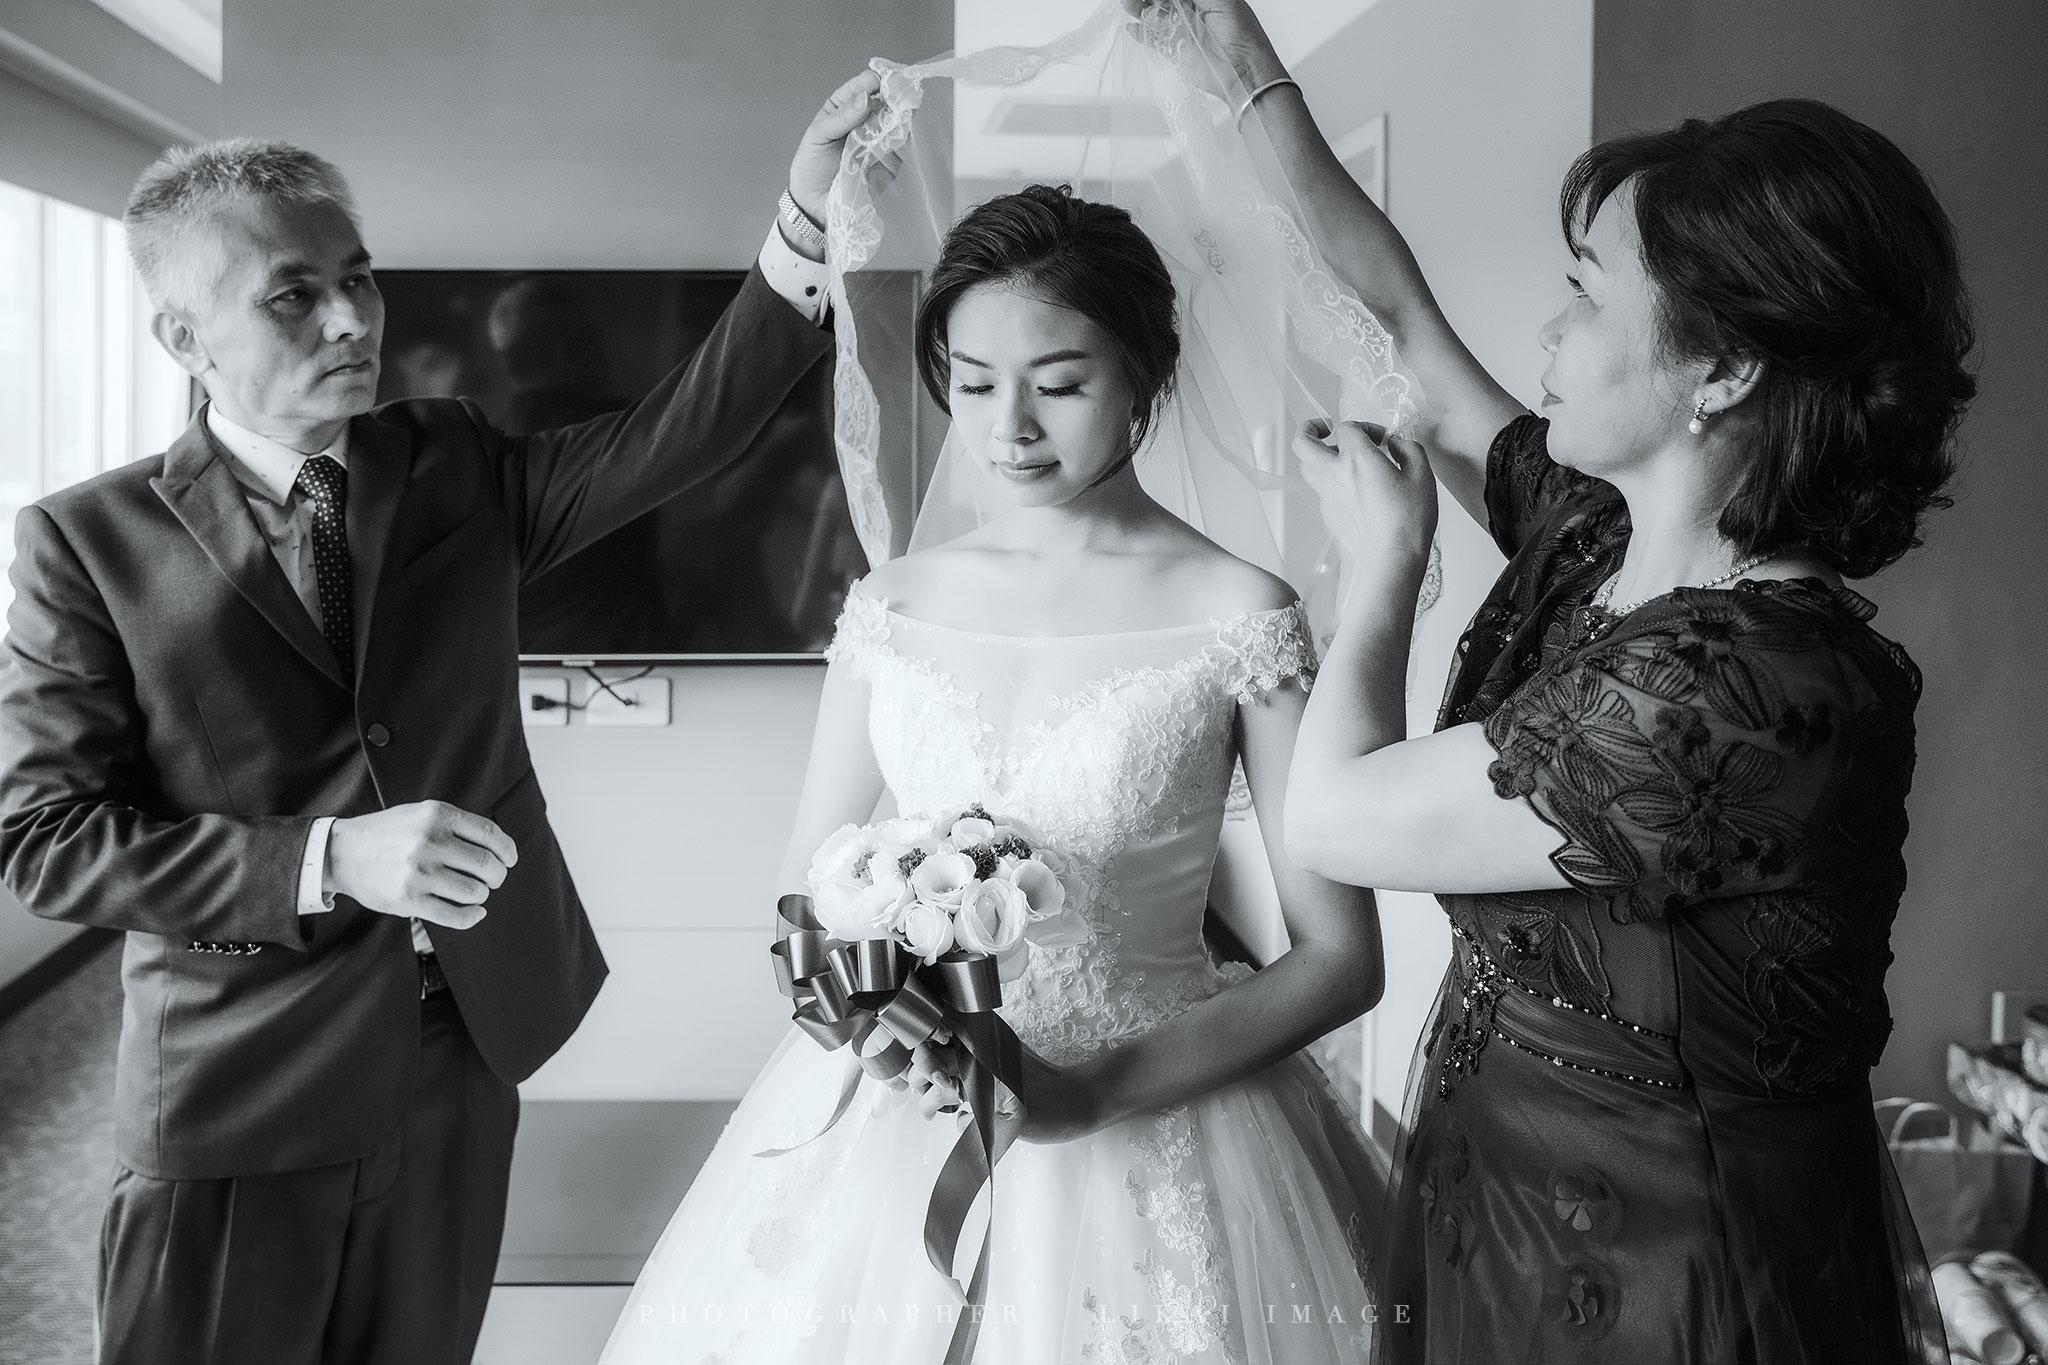 婚禮紀錄 - 筠平 & 昱翰 - 凱撒大飯店